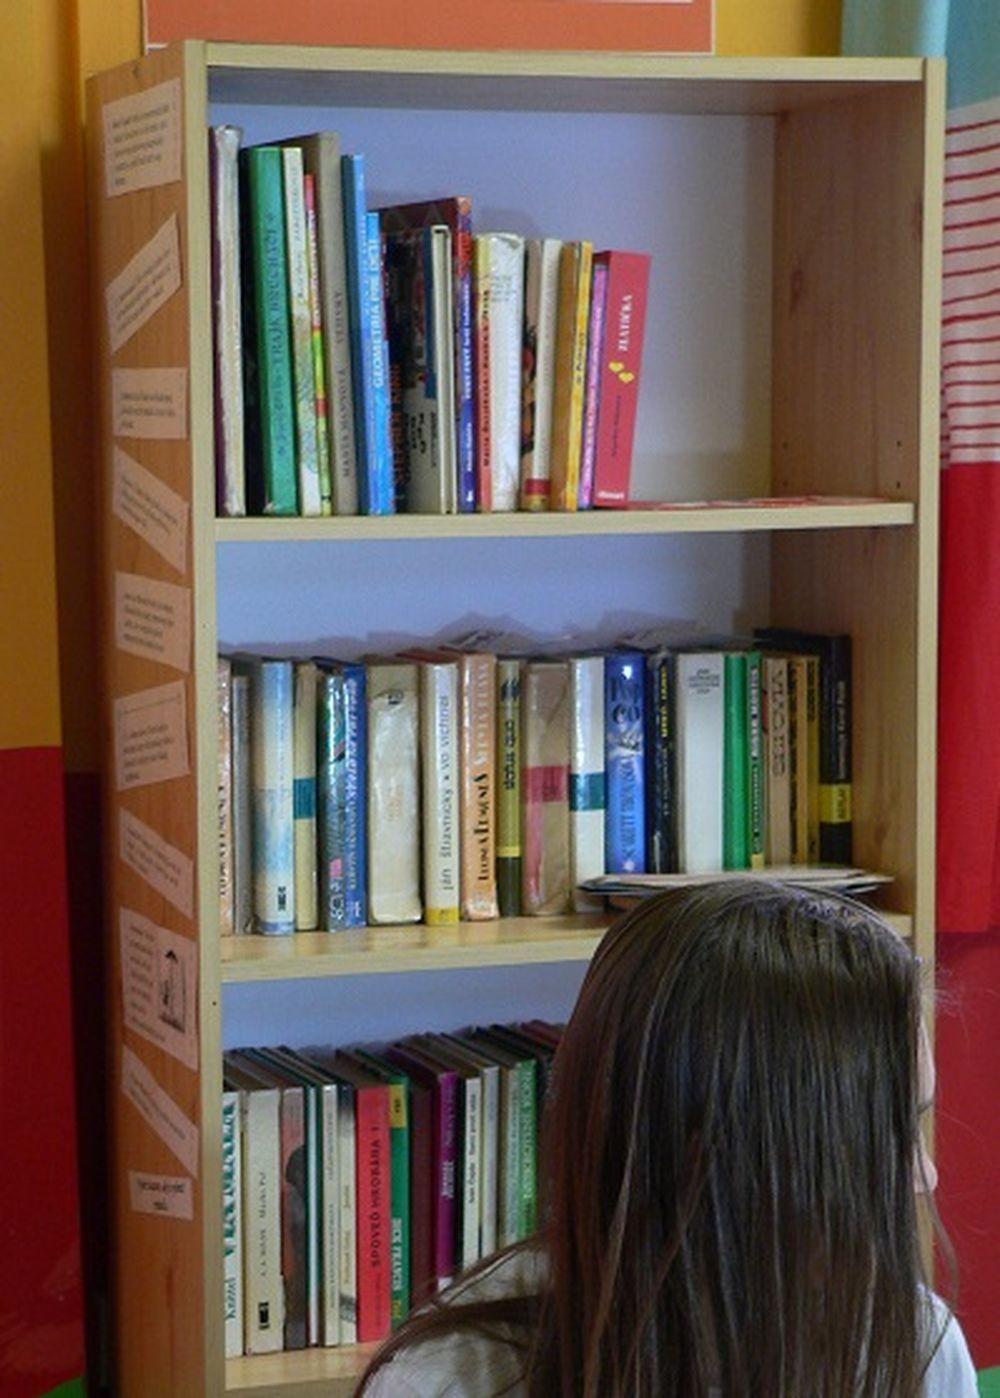 Na pediatrickom oddelení FNsP Žilina pribudli nové knihy, foto 4